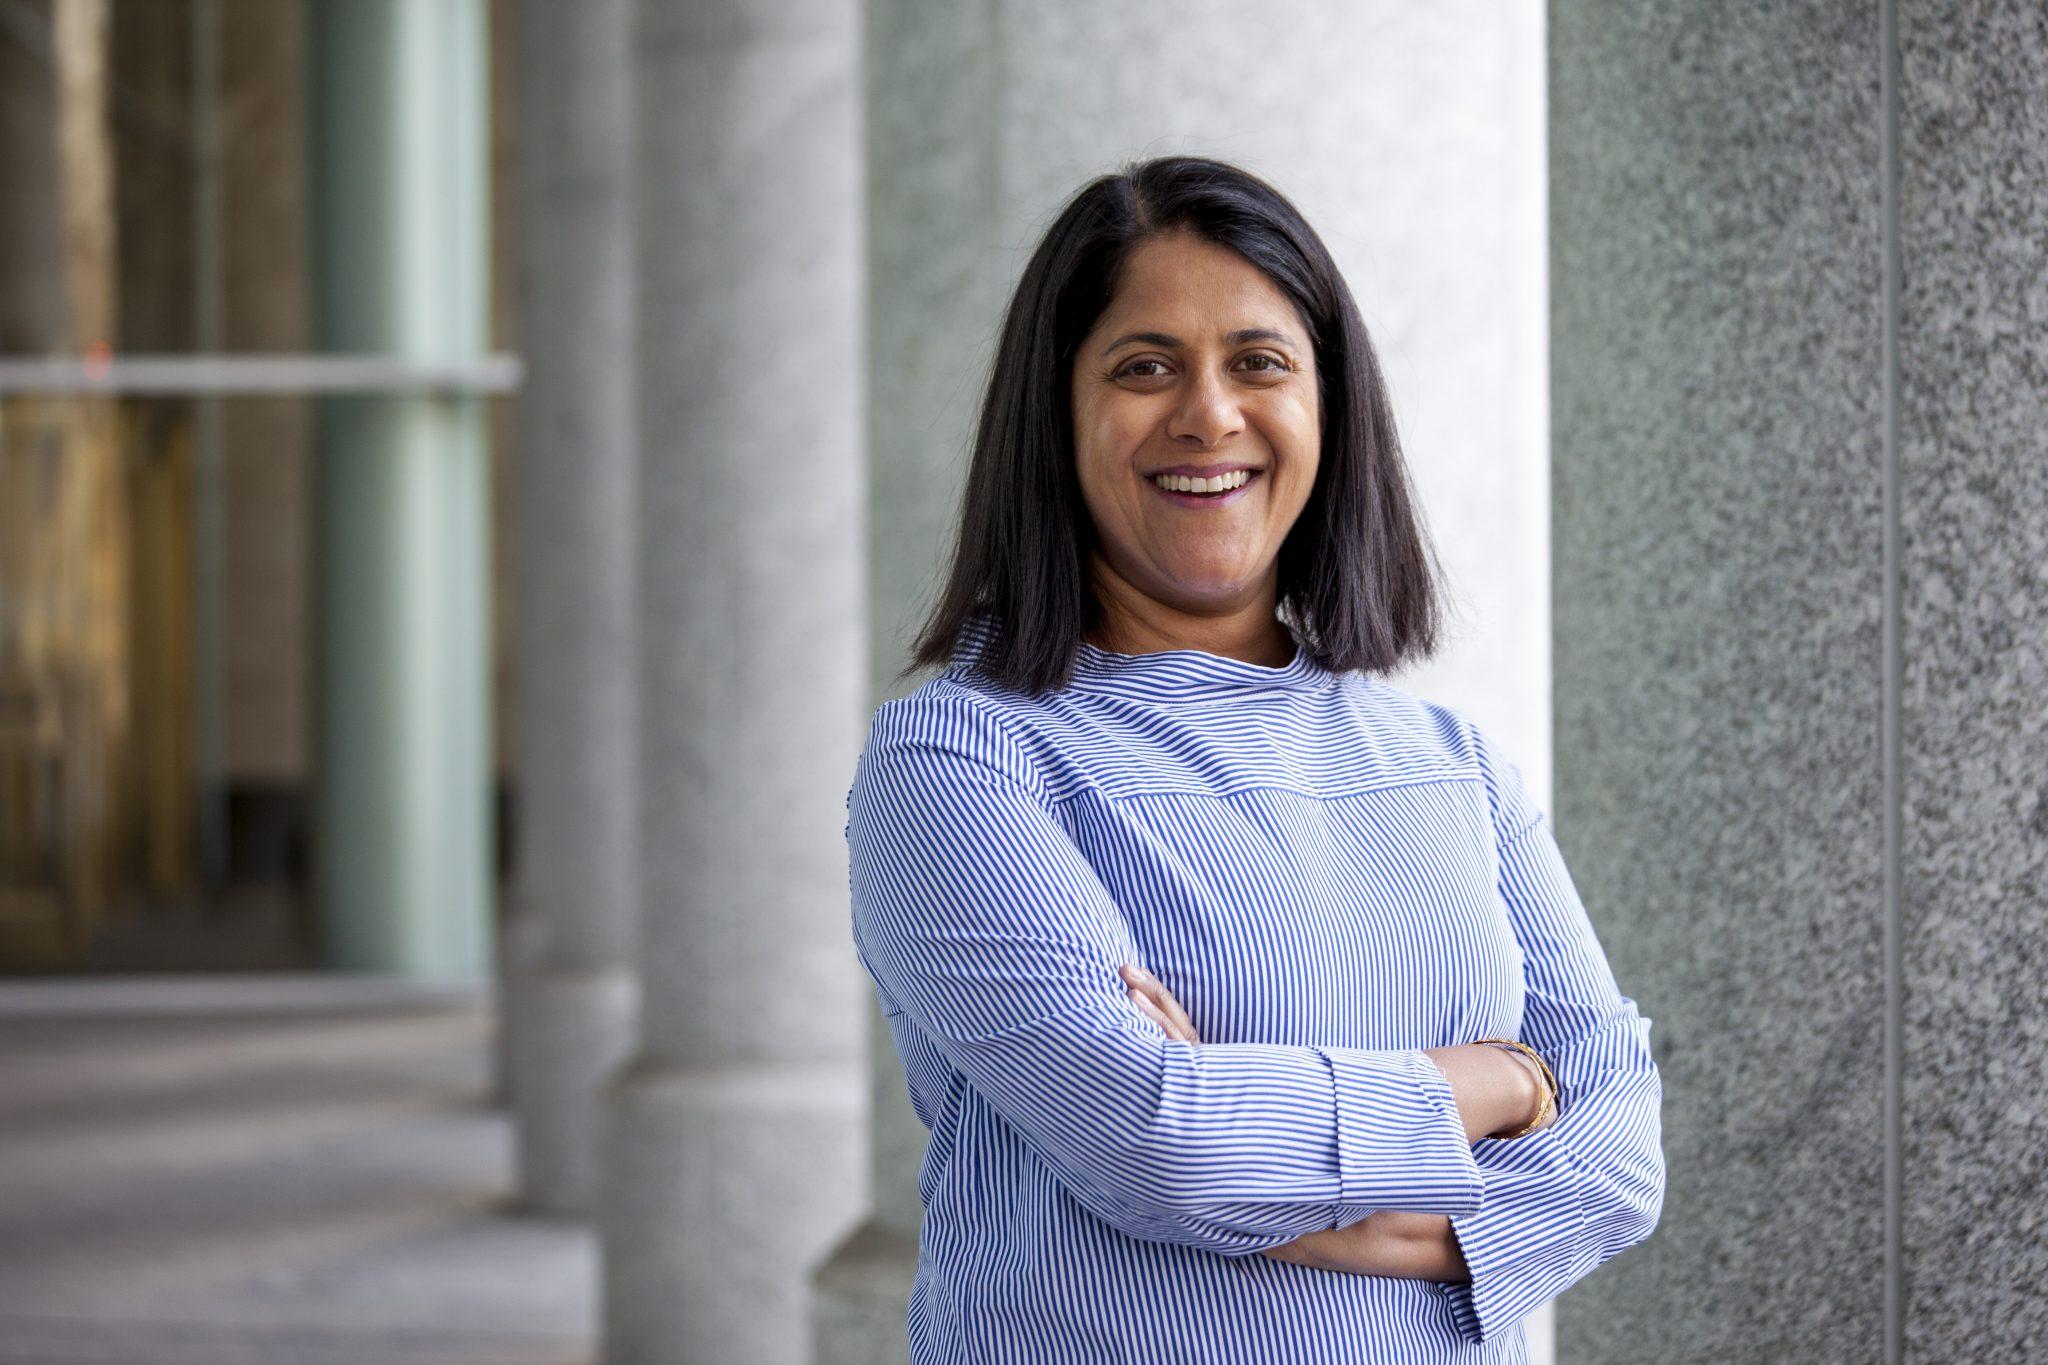 Saira Rao